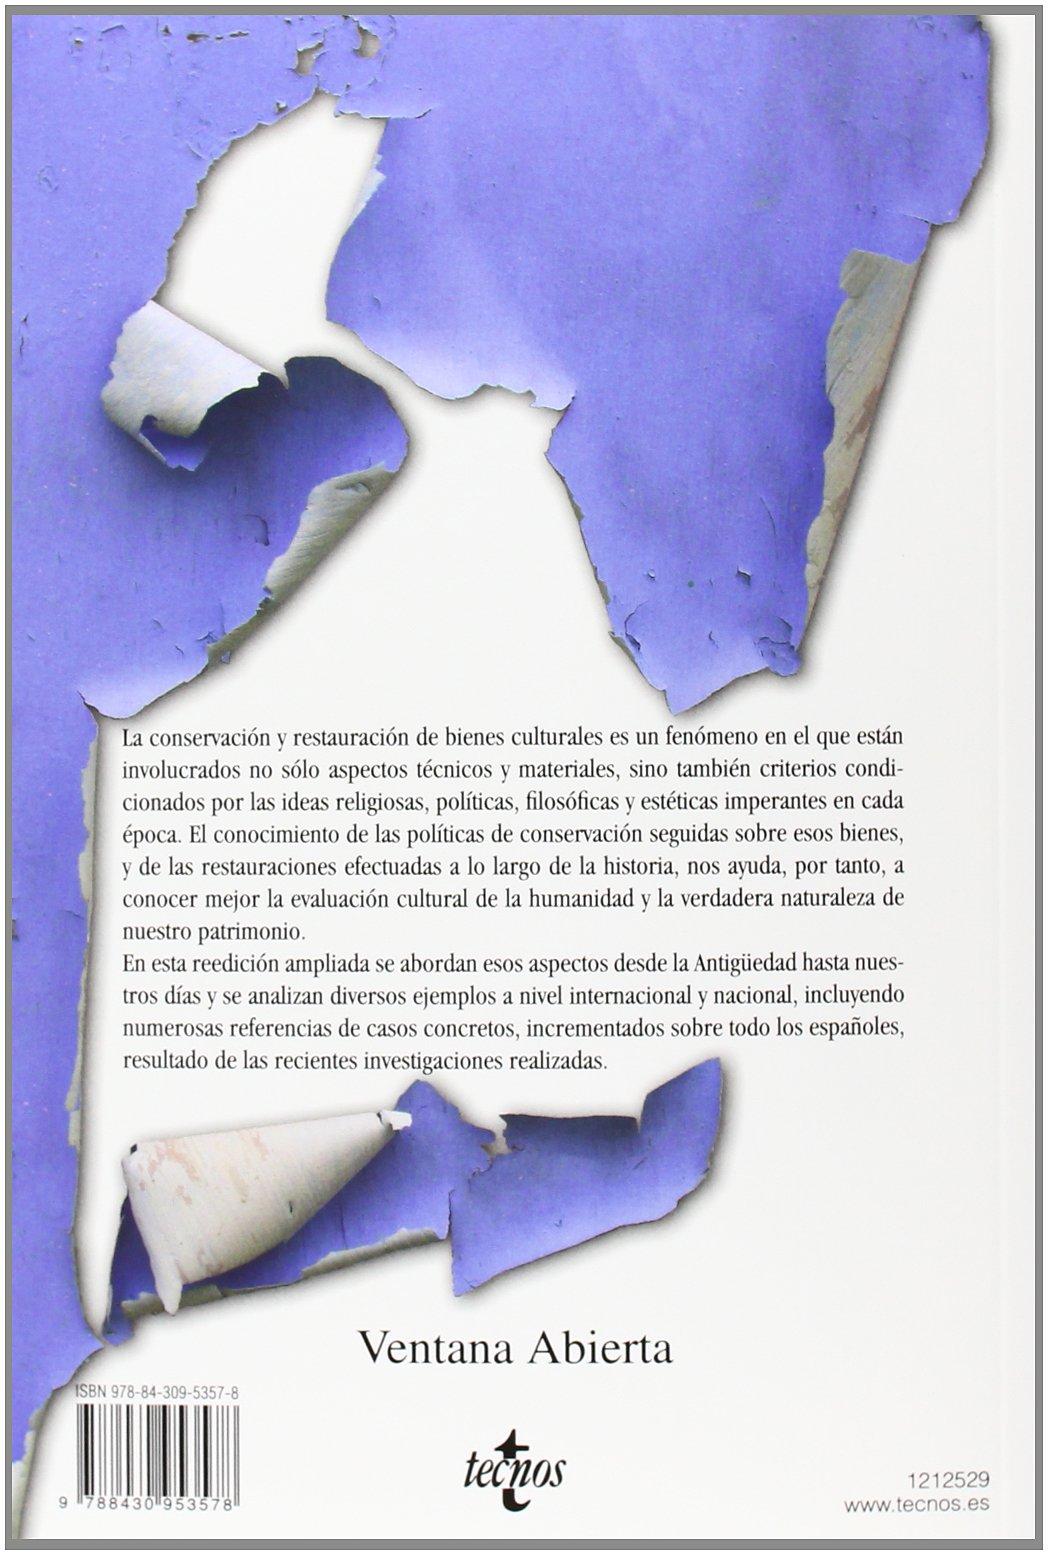 Historia de la conservación y la restauración: Desde la Antigüedad hasta el siglo XX Ventana Abierta: Amazon.es: Ana Mª Macarrón Miguel: Libros